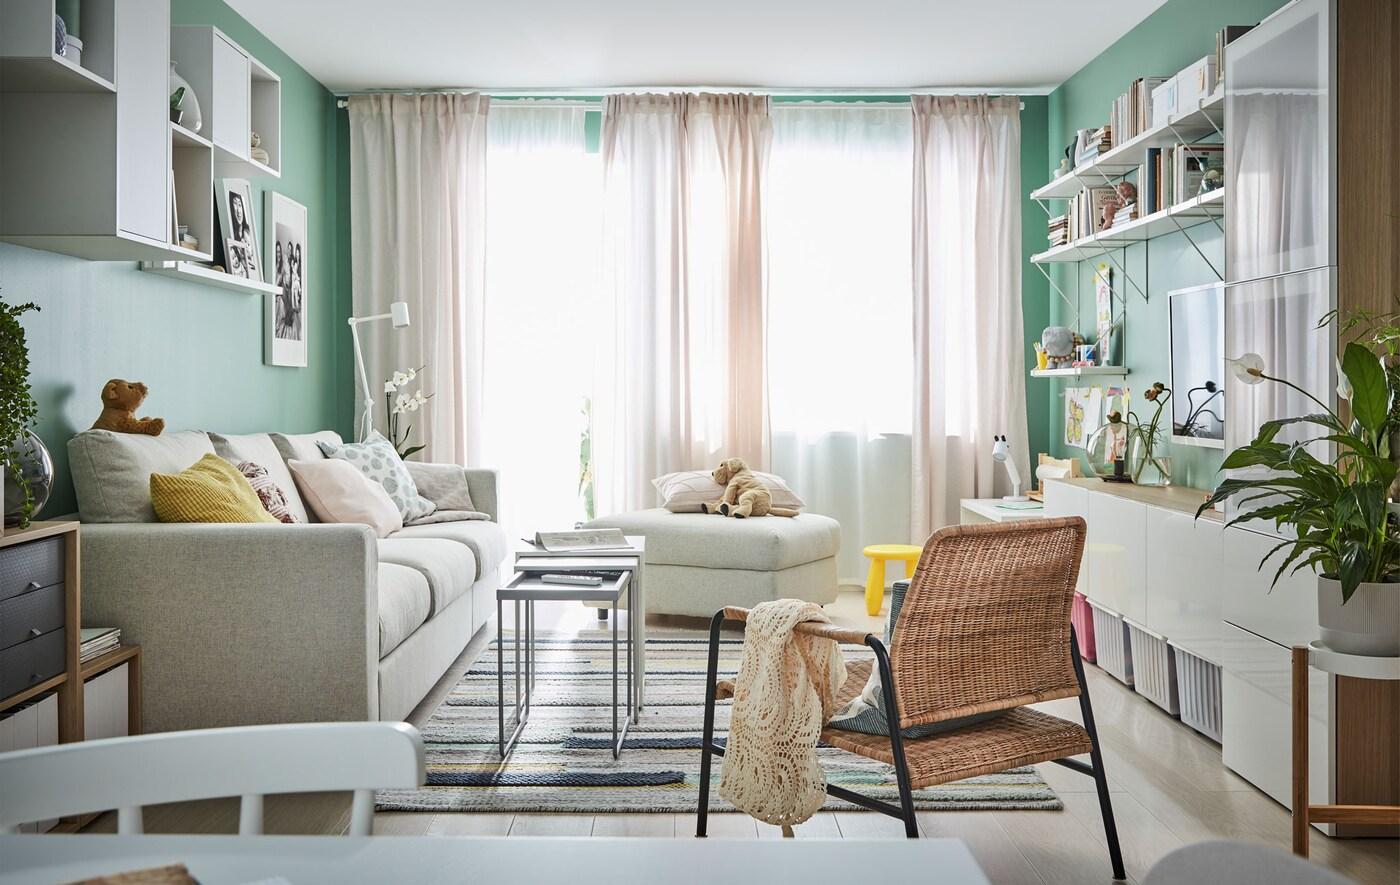 Dnevnu sobu obasjava svetlost sa tankih zavesa na velikim prozorima u krajnjem uglu. Sofa, nameštaj za sedenje, otvoren prostor za odlaganje duž zidova.